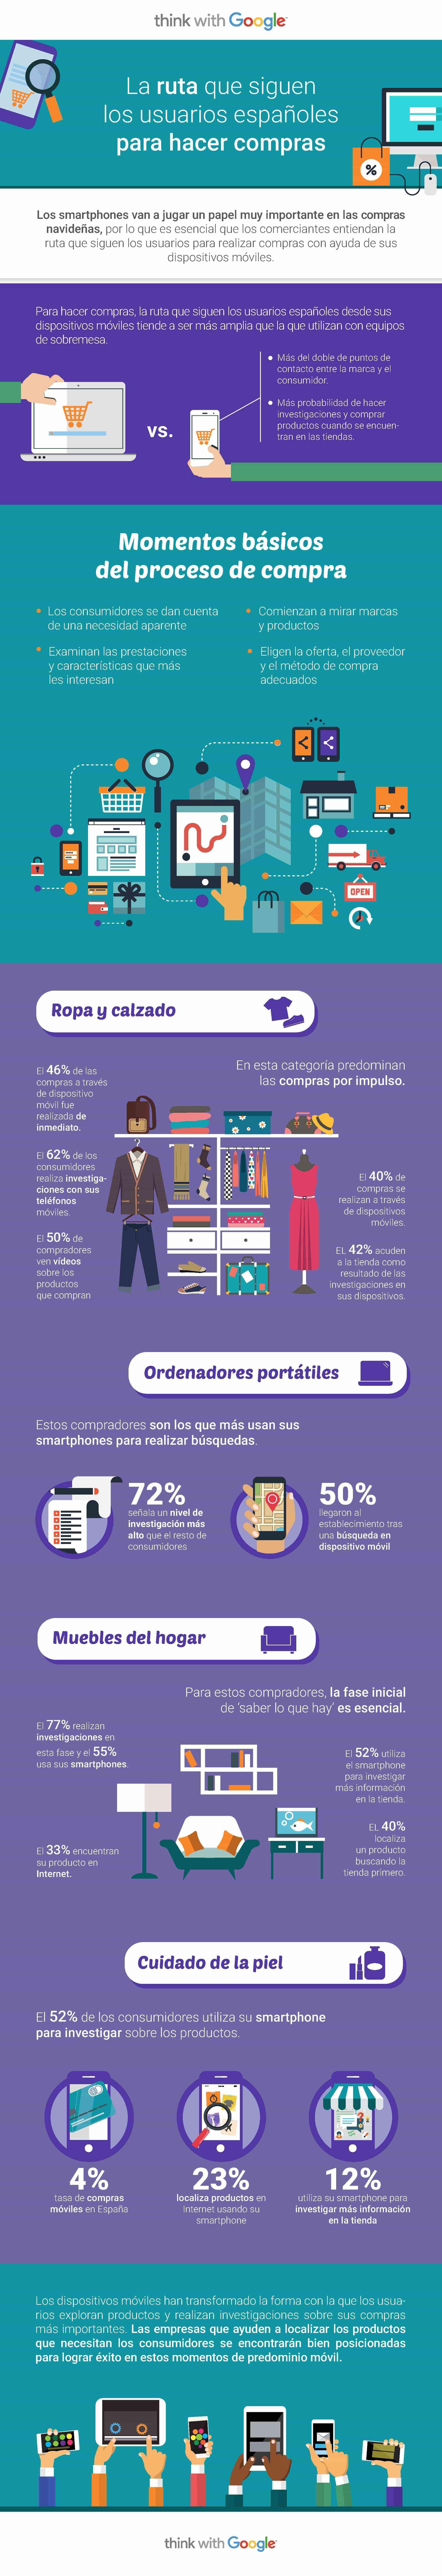 la-ruta-que-siguen-los-consumidores-espanoles